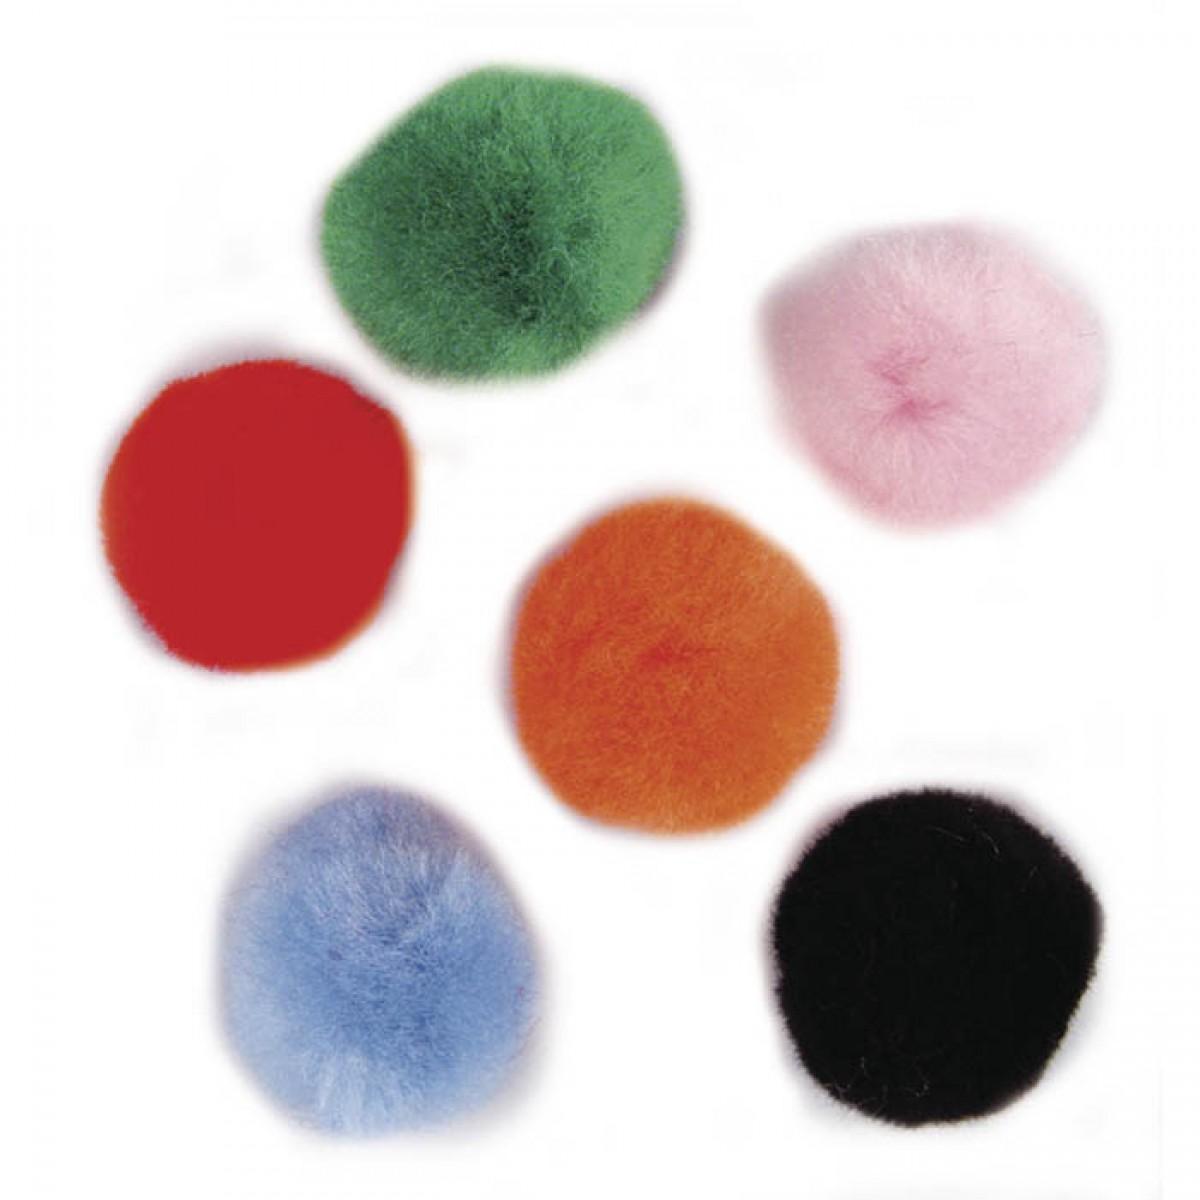 Πομ Πον 25mm Διάφορα Χρώματα (35 Τεμ.) Υλικά Χειροτεχνίας